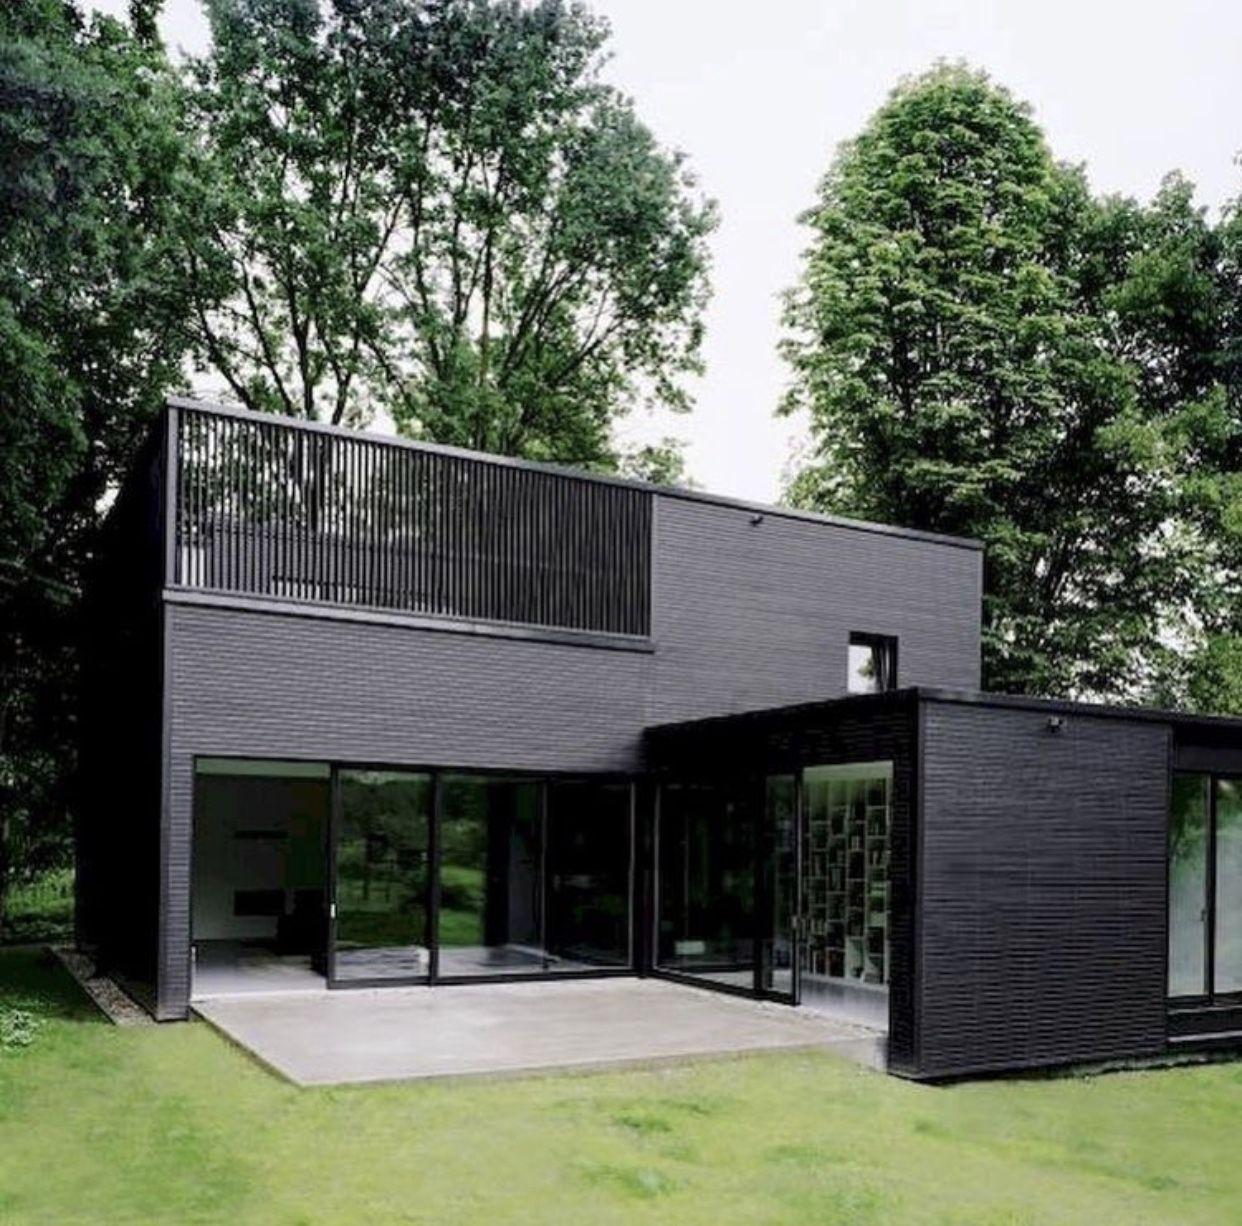 Dp Petite Ecru Frankie Denim Jeans Shipping Container Home Designs Container House Container House Design